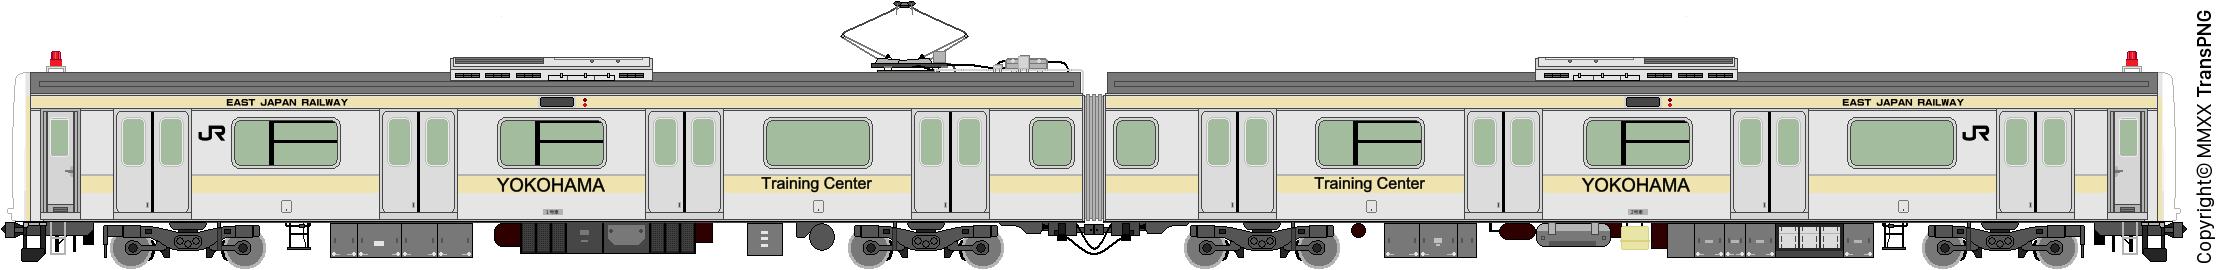 [5603] 東日本旅客鐵道 5603